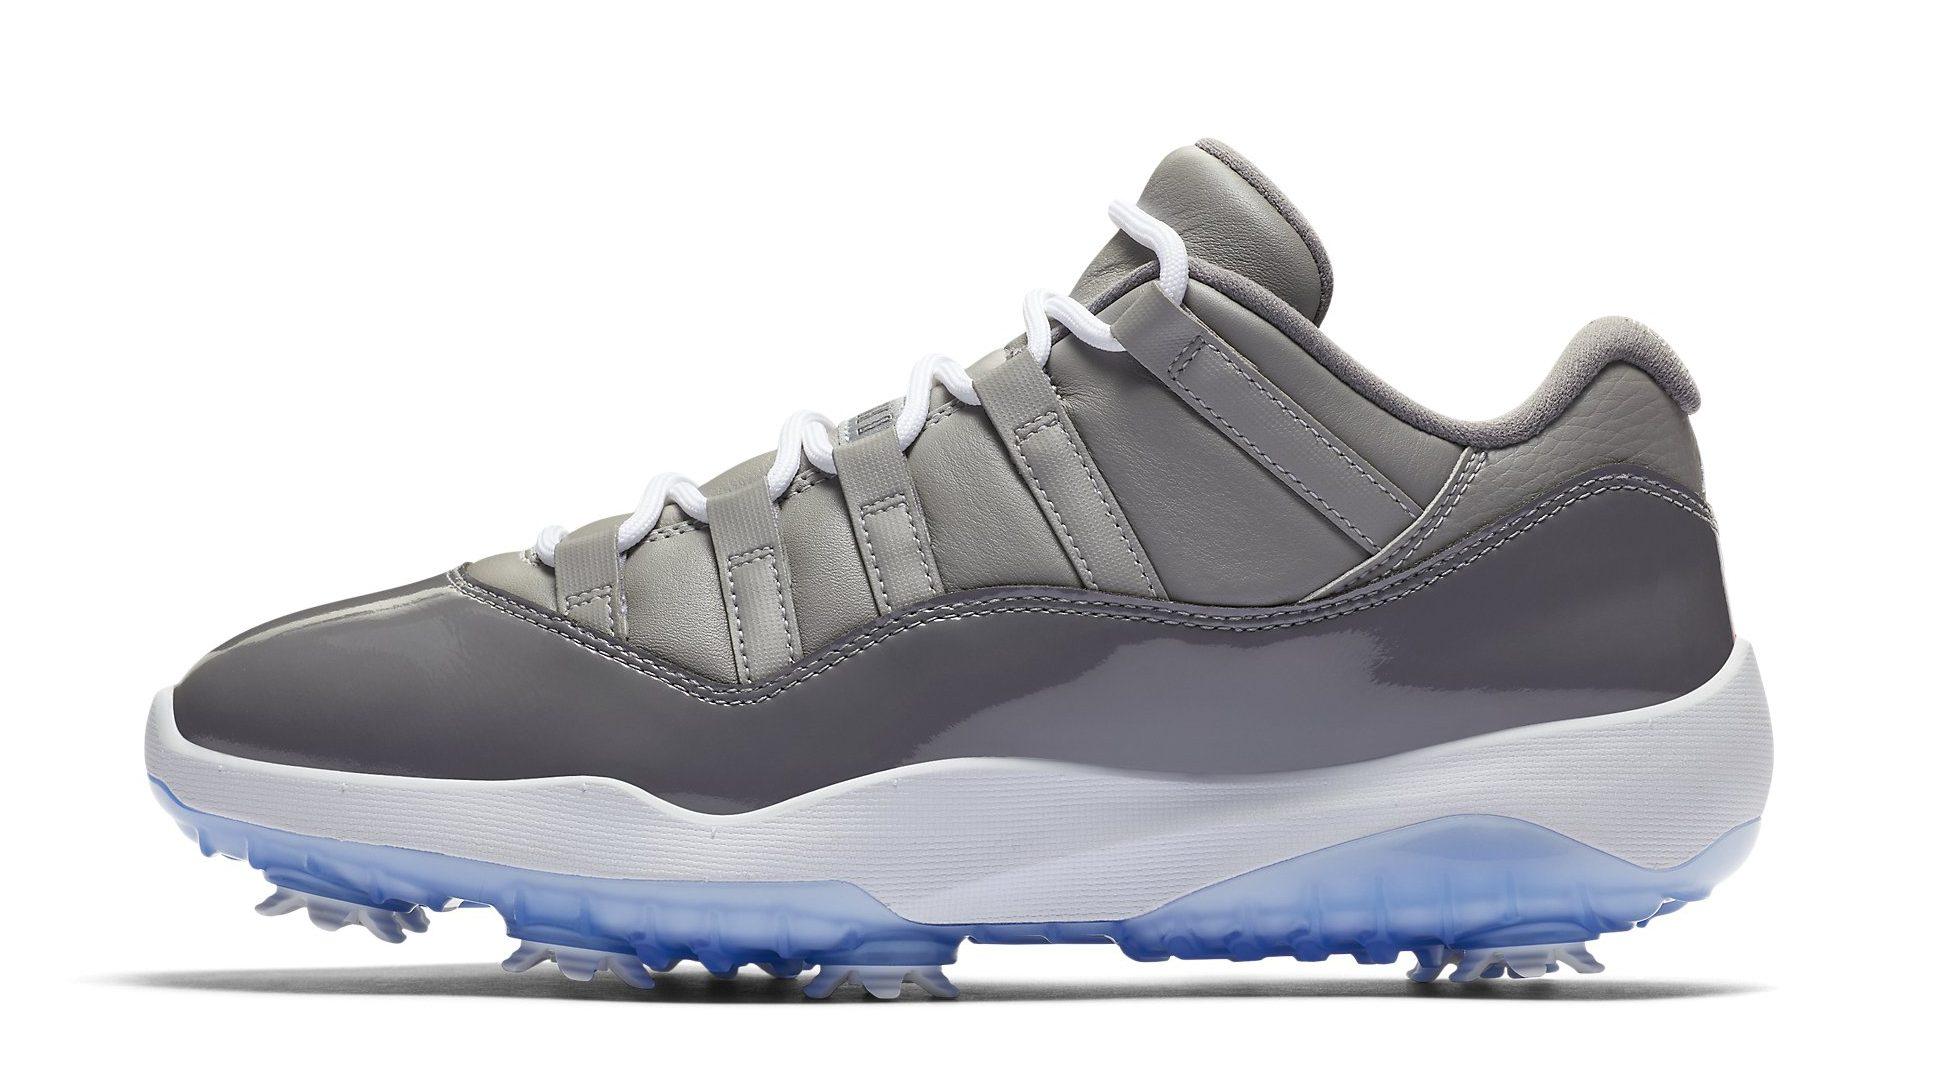 Air Jordan 11 Low Golf 'Cool Grey